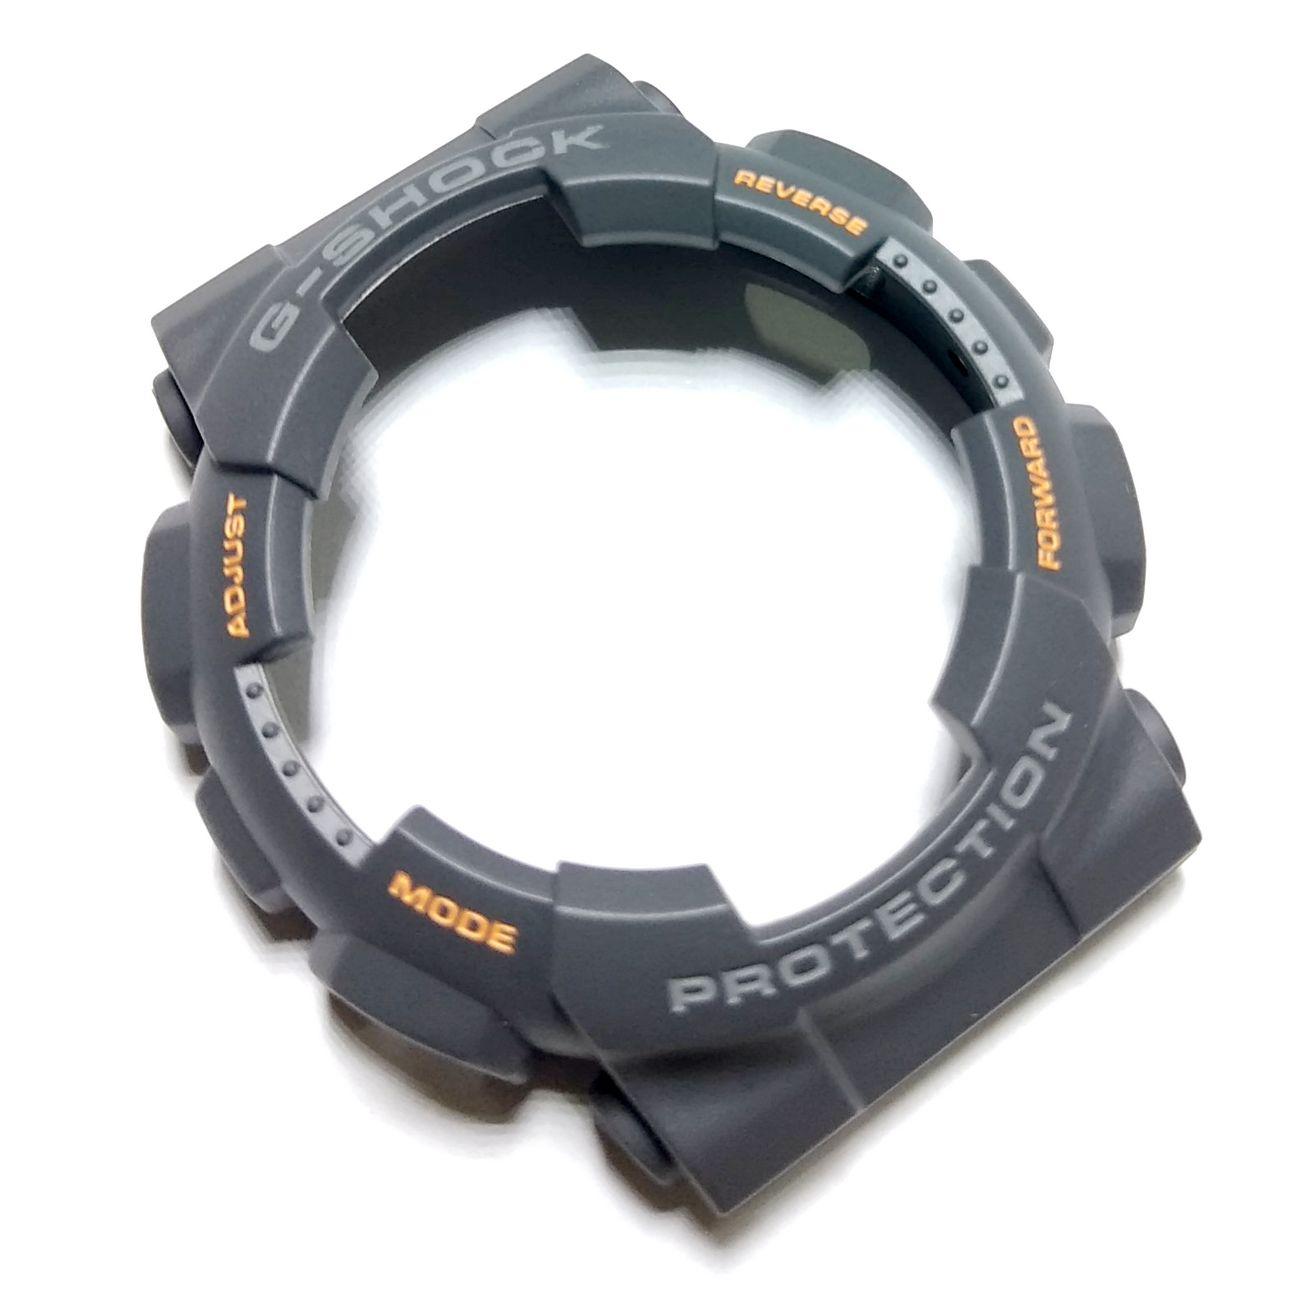 Bezel Capa Casio G-shock Ga-110TS-1a4 Resina Cinza *  - E-Presentes